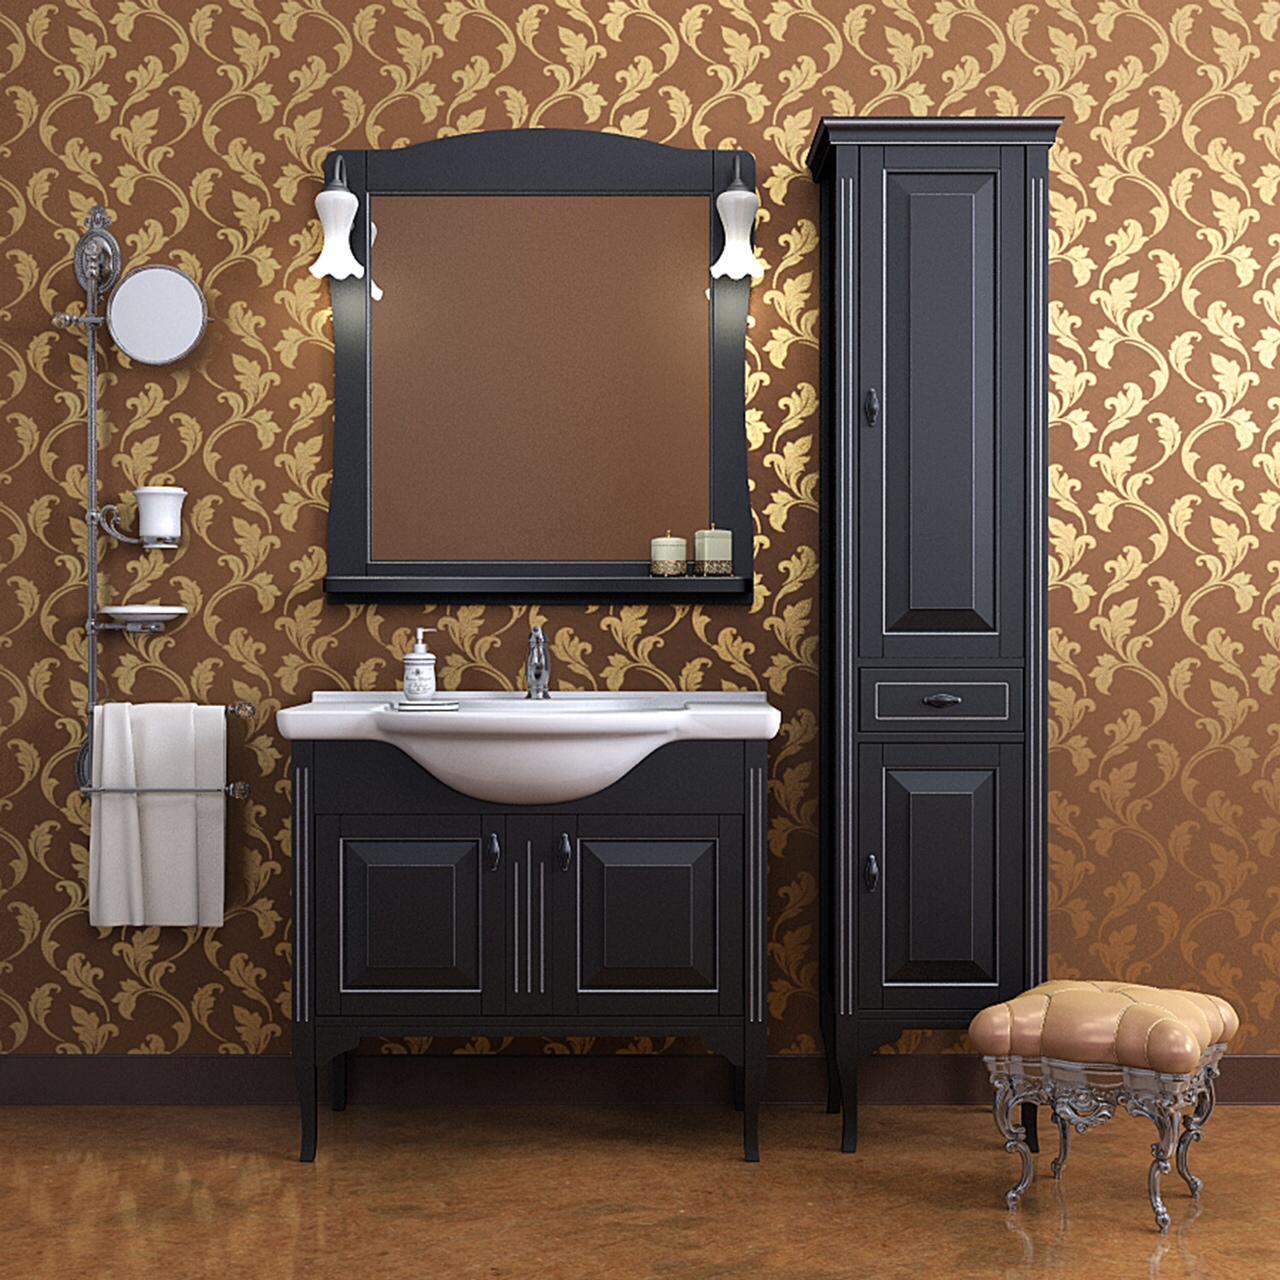 Черная тумба и шкафчик для ванной комнаты